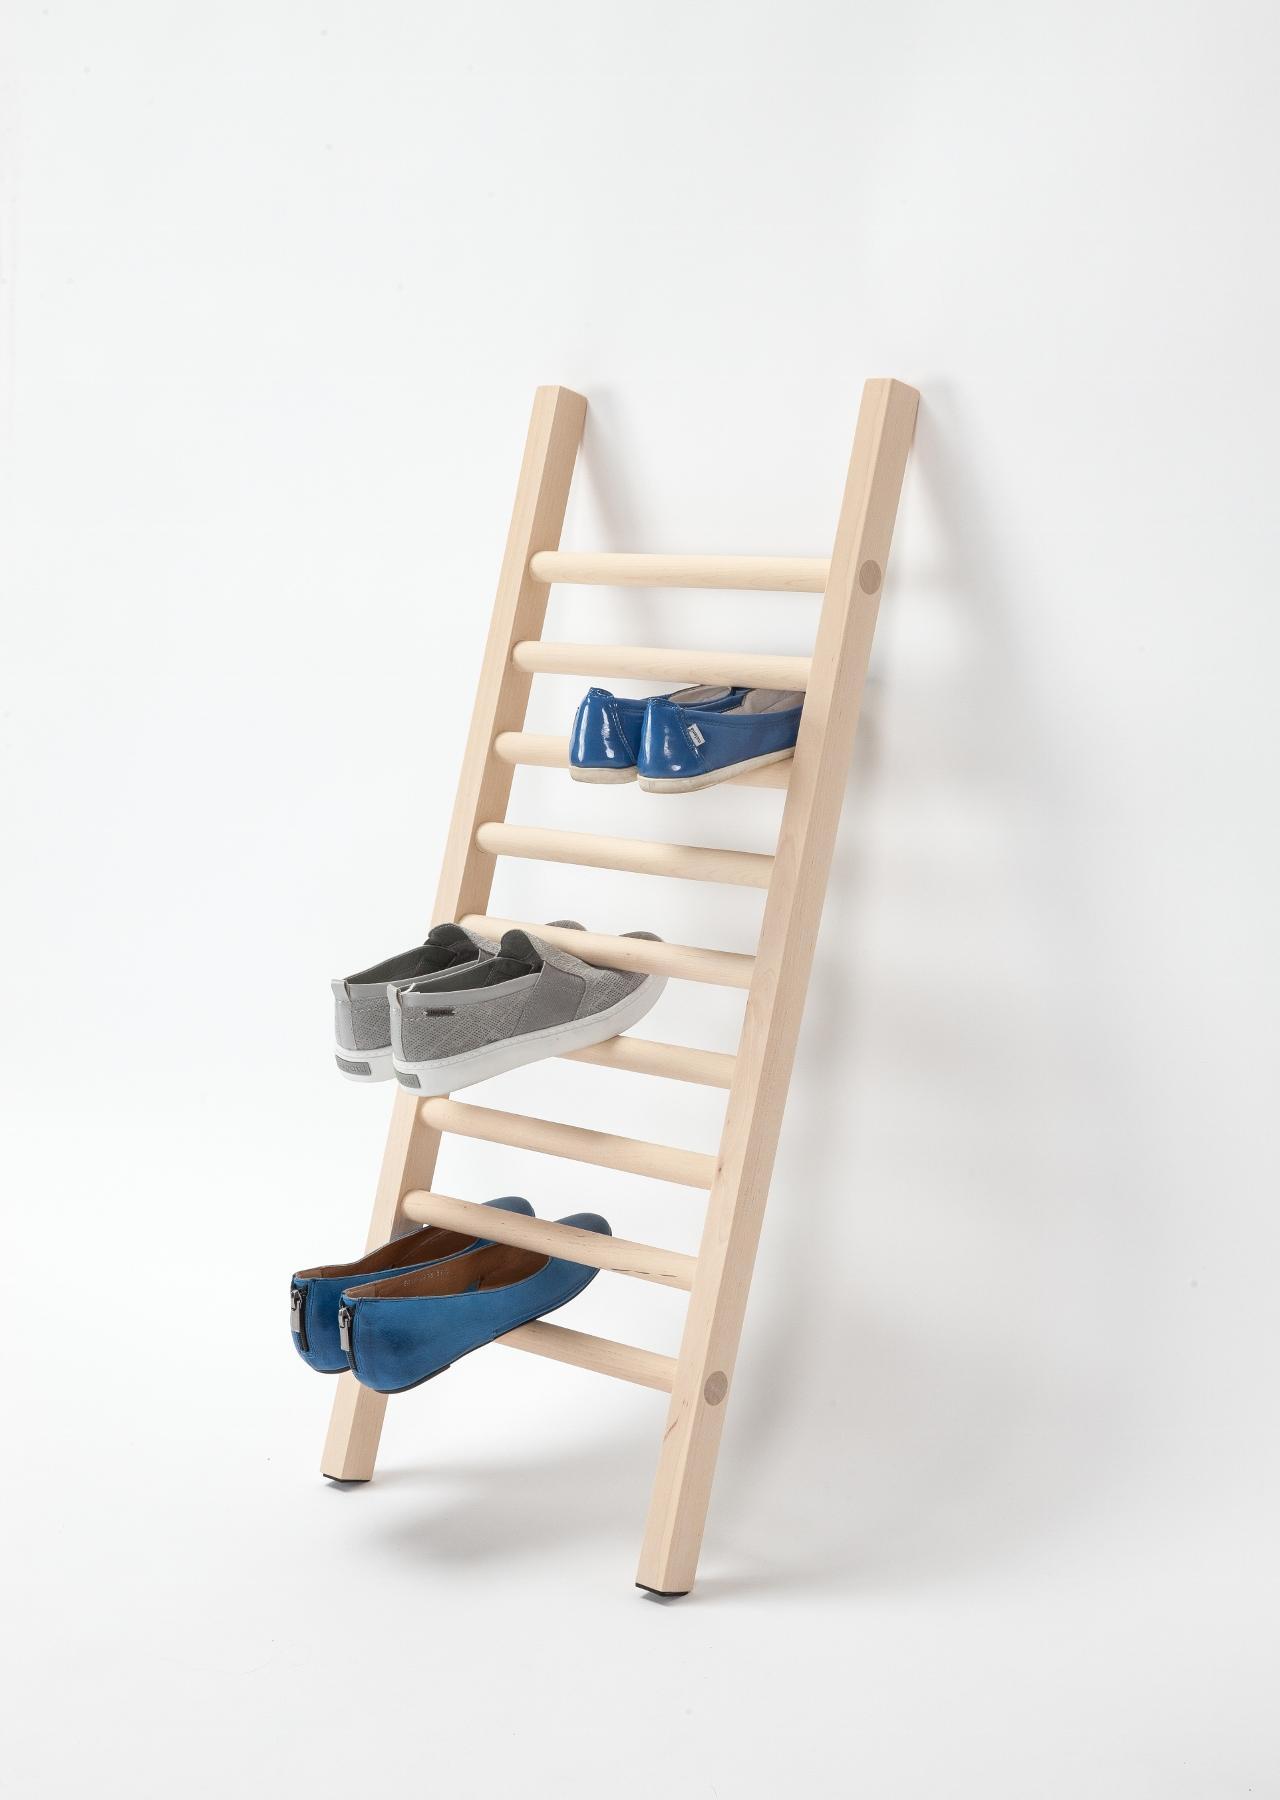 designer schuhleiter step up aus holz emko. Black Bedroom Furniture Sets. Home Design Ideas